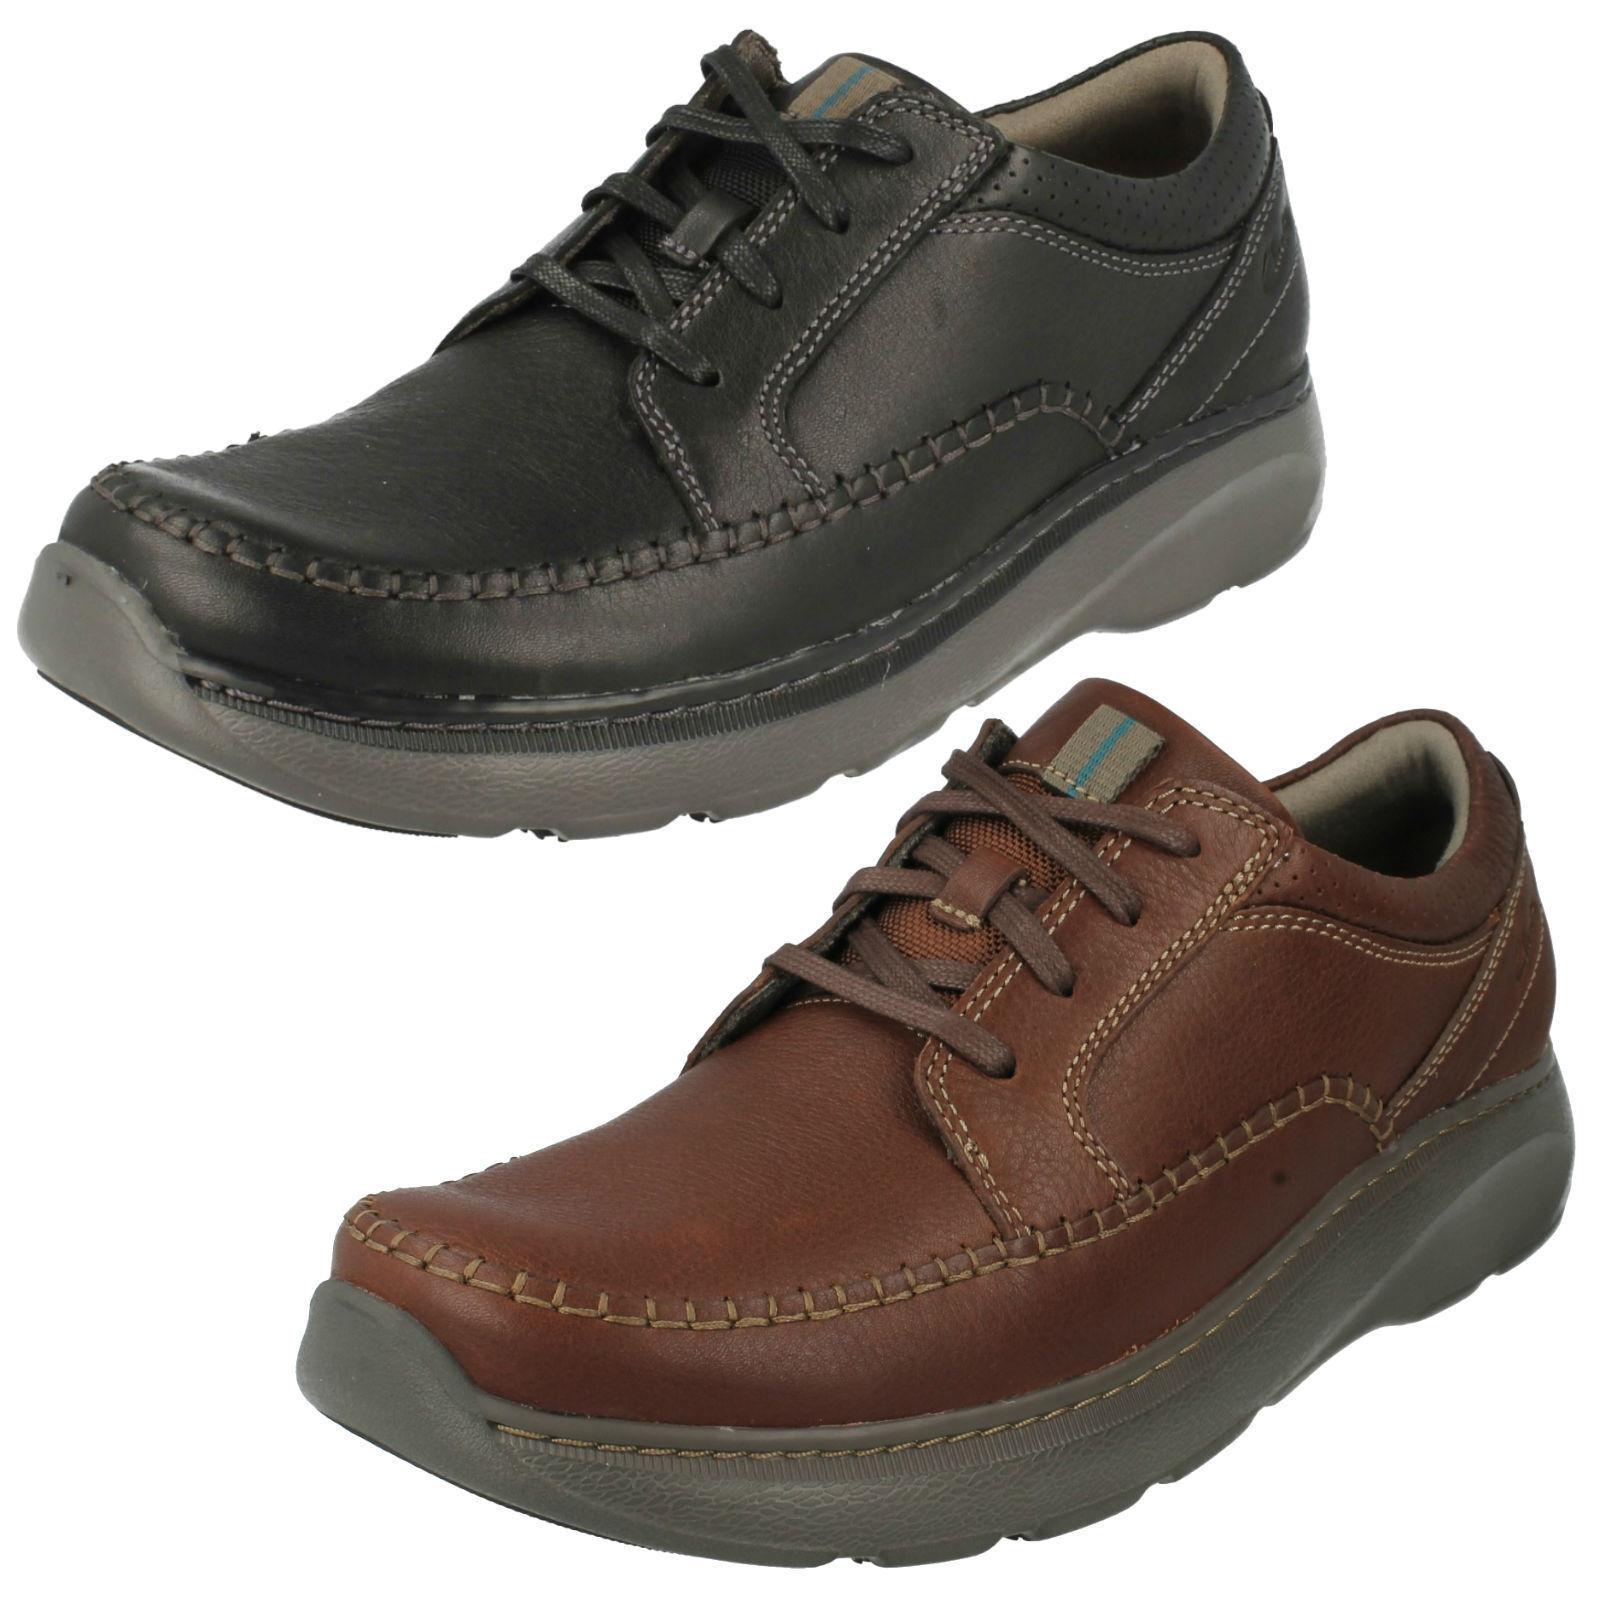 Mens G weite Passform CHARTON VIBE Freizeit Schnürschuhe Schuhe von Clarks